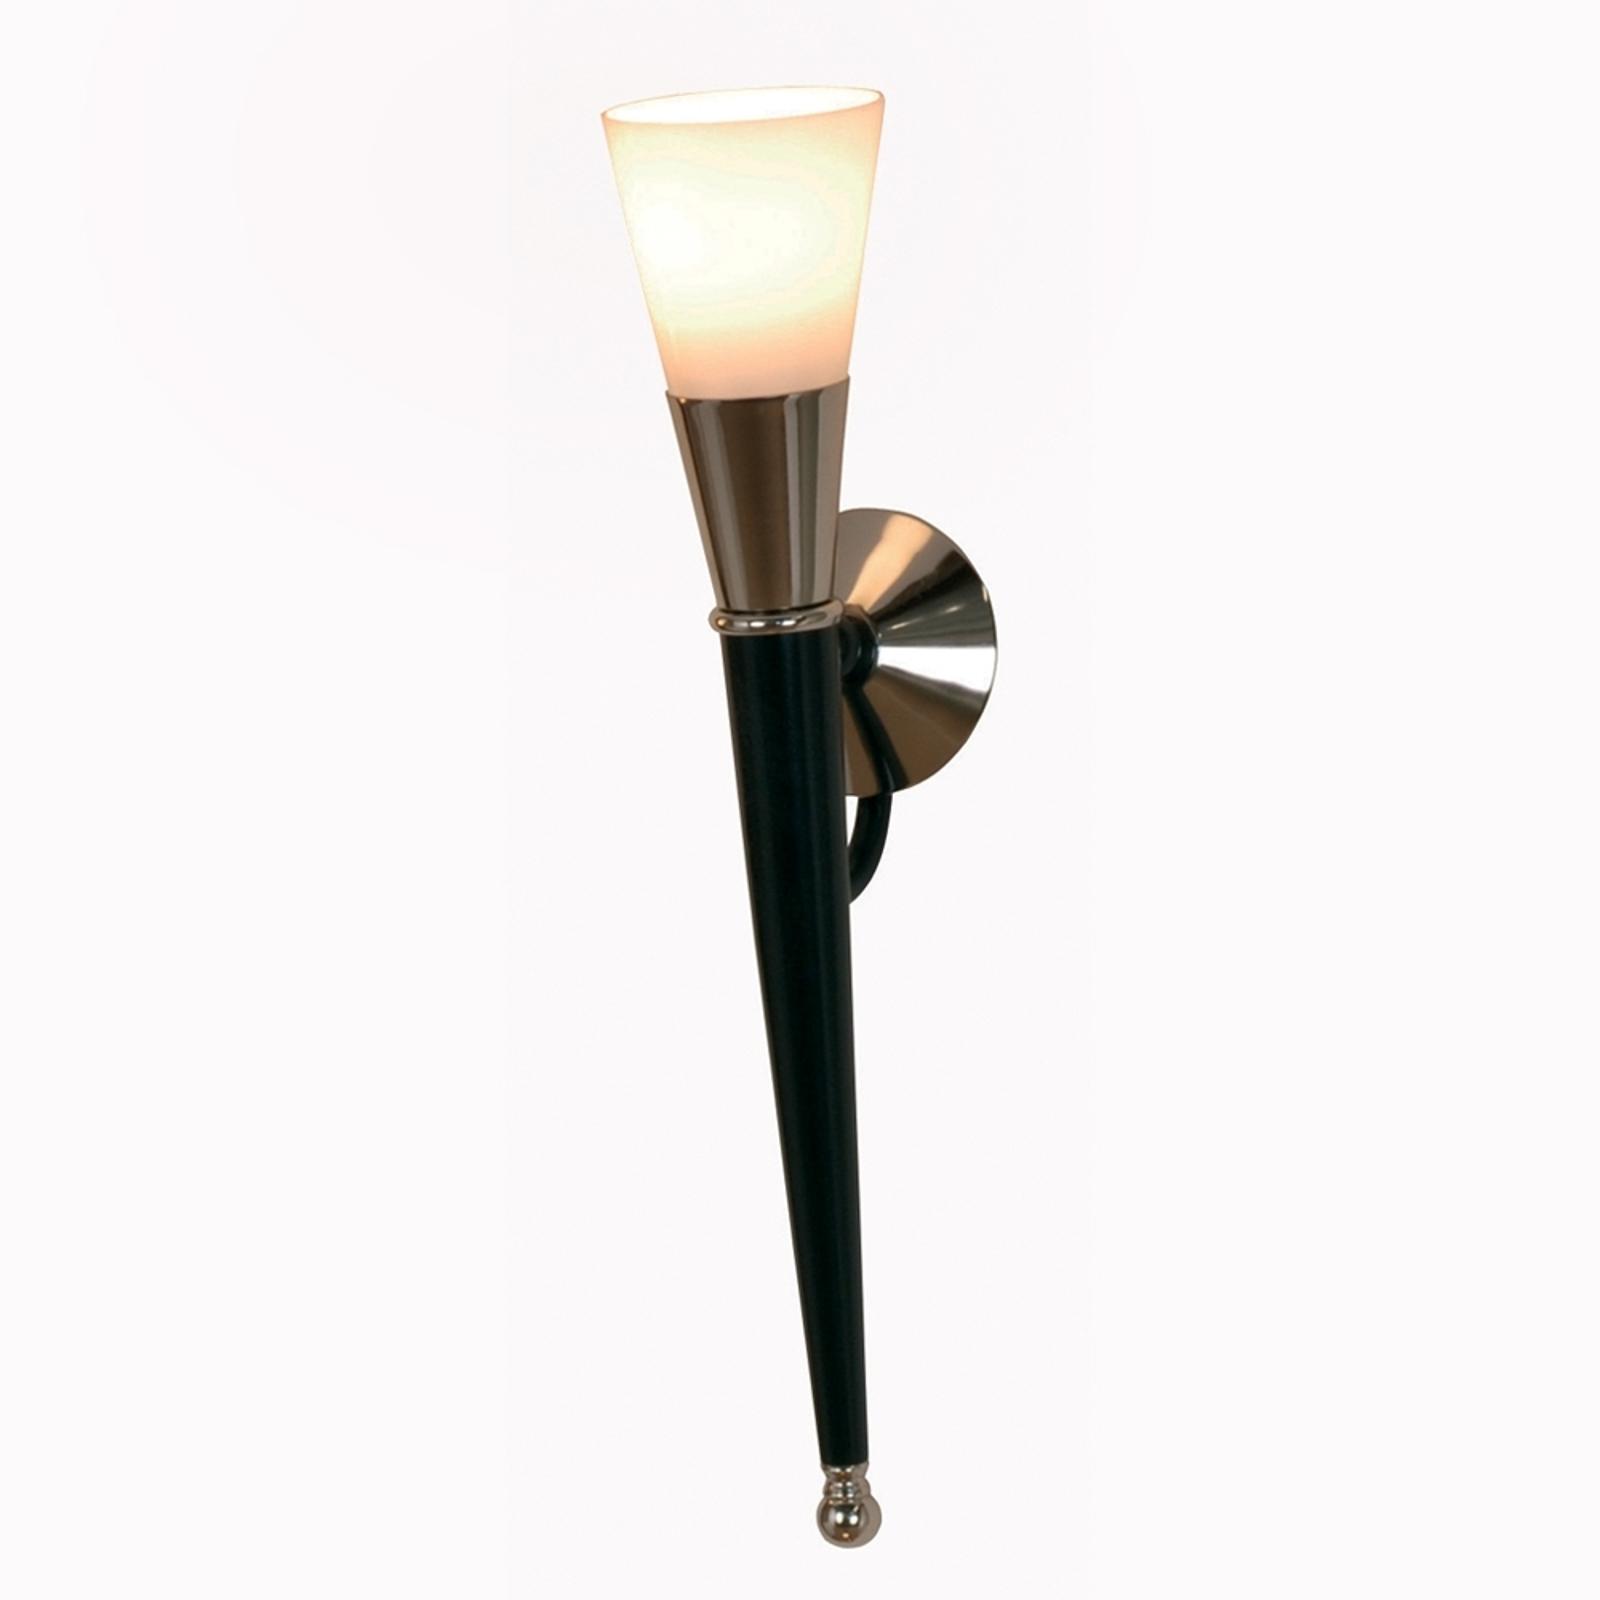 Fakkelvormige wandlamp ANTOSA, hoogte 60 cm